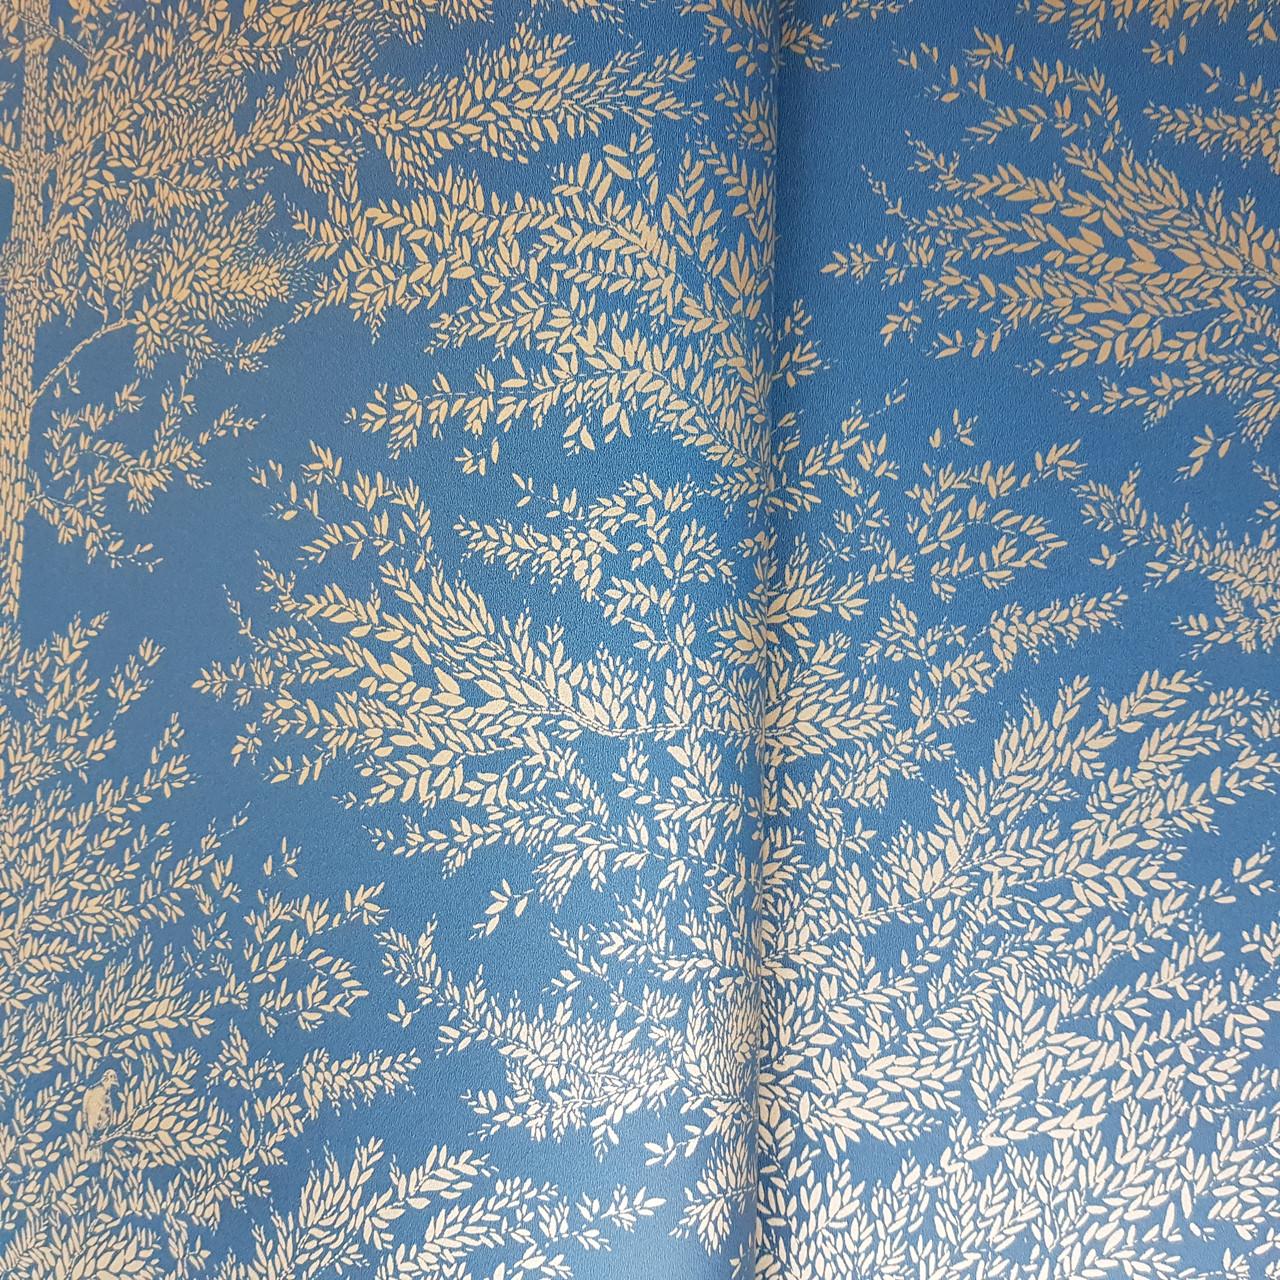 Обои виниловые на флизелине Caselio The Place to bed  0.53х10 м природа деревья ветки золотистые на синем